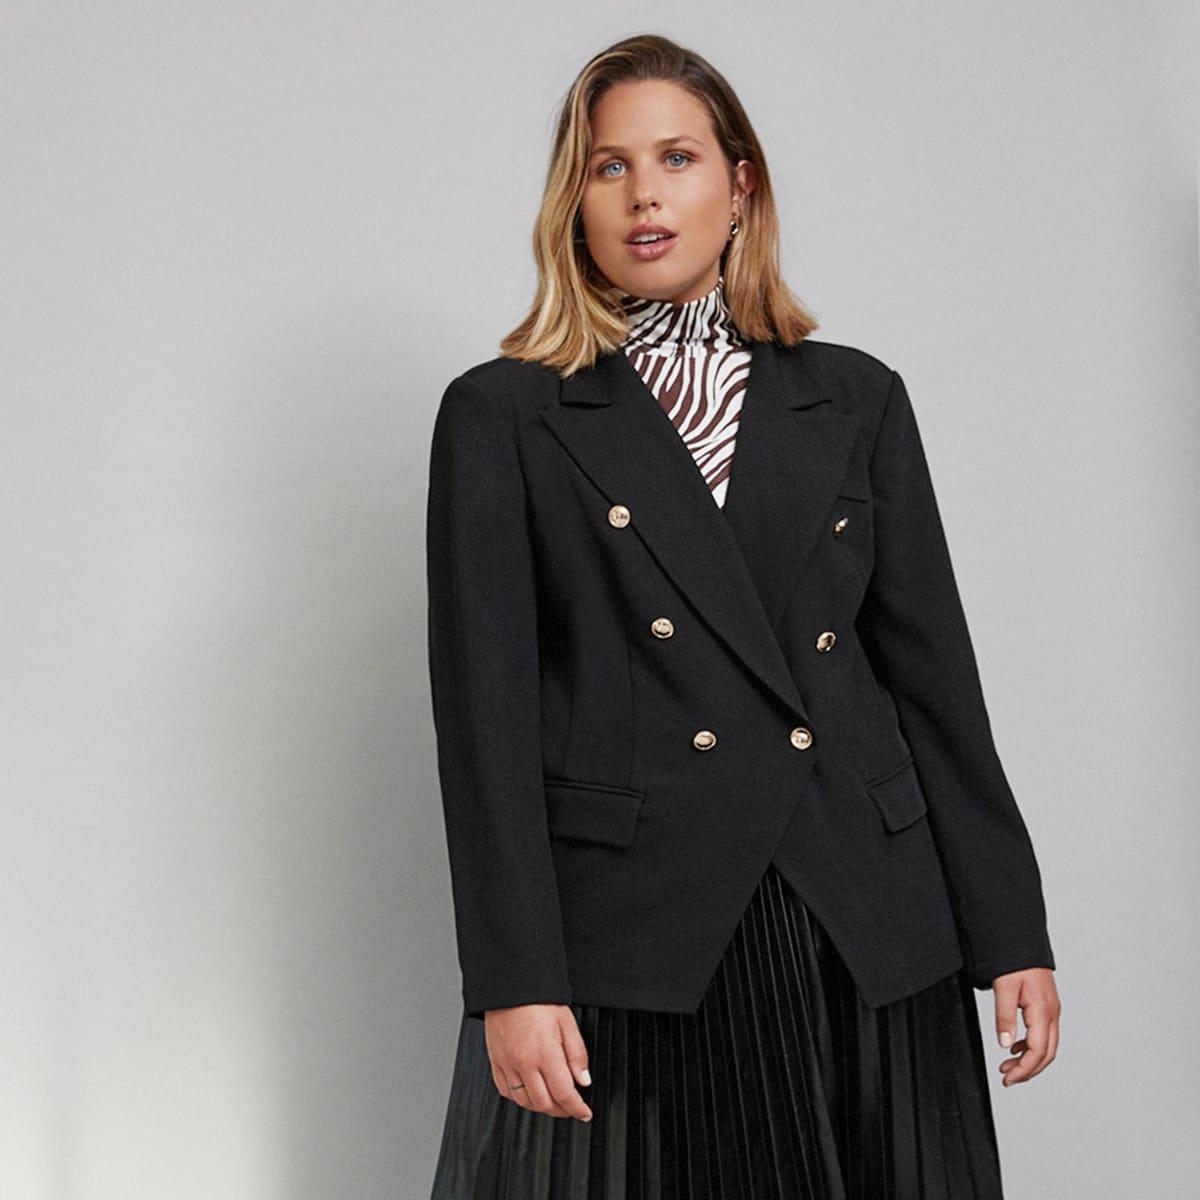 Асимметричный пиджак с пуговицами размера плюс